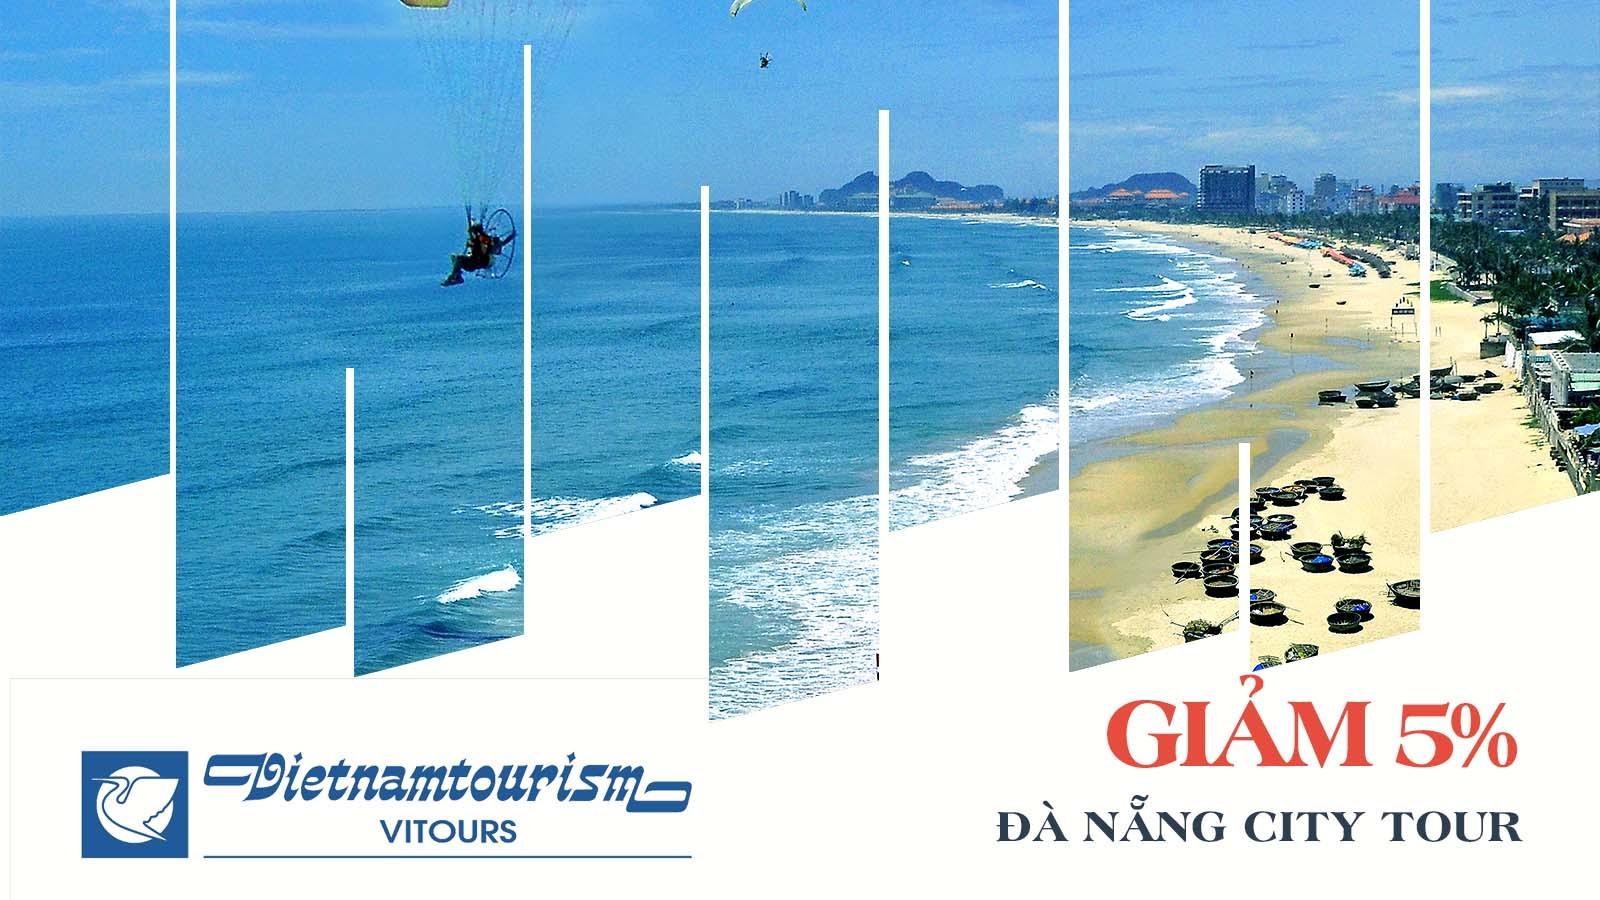 Vitour giảm 5% Đà Nẵng City Tour 1